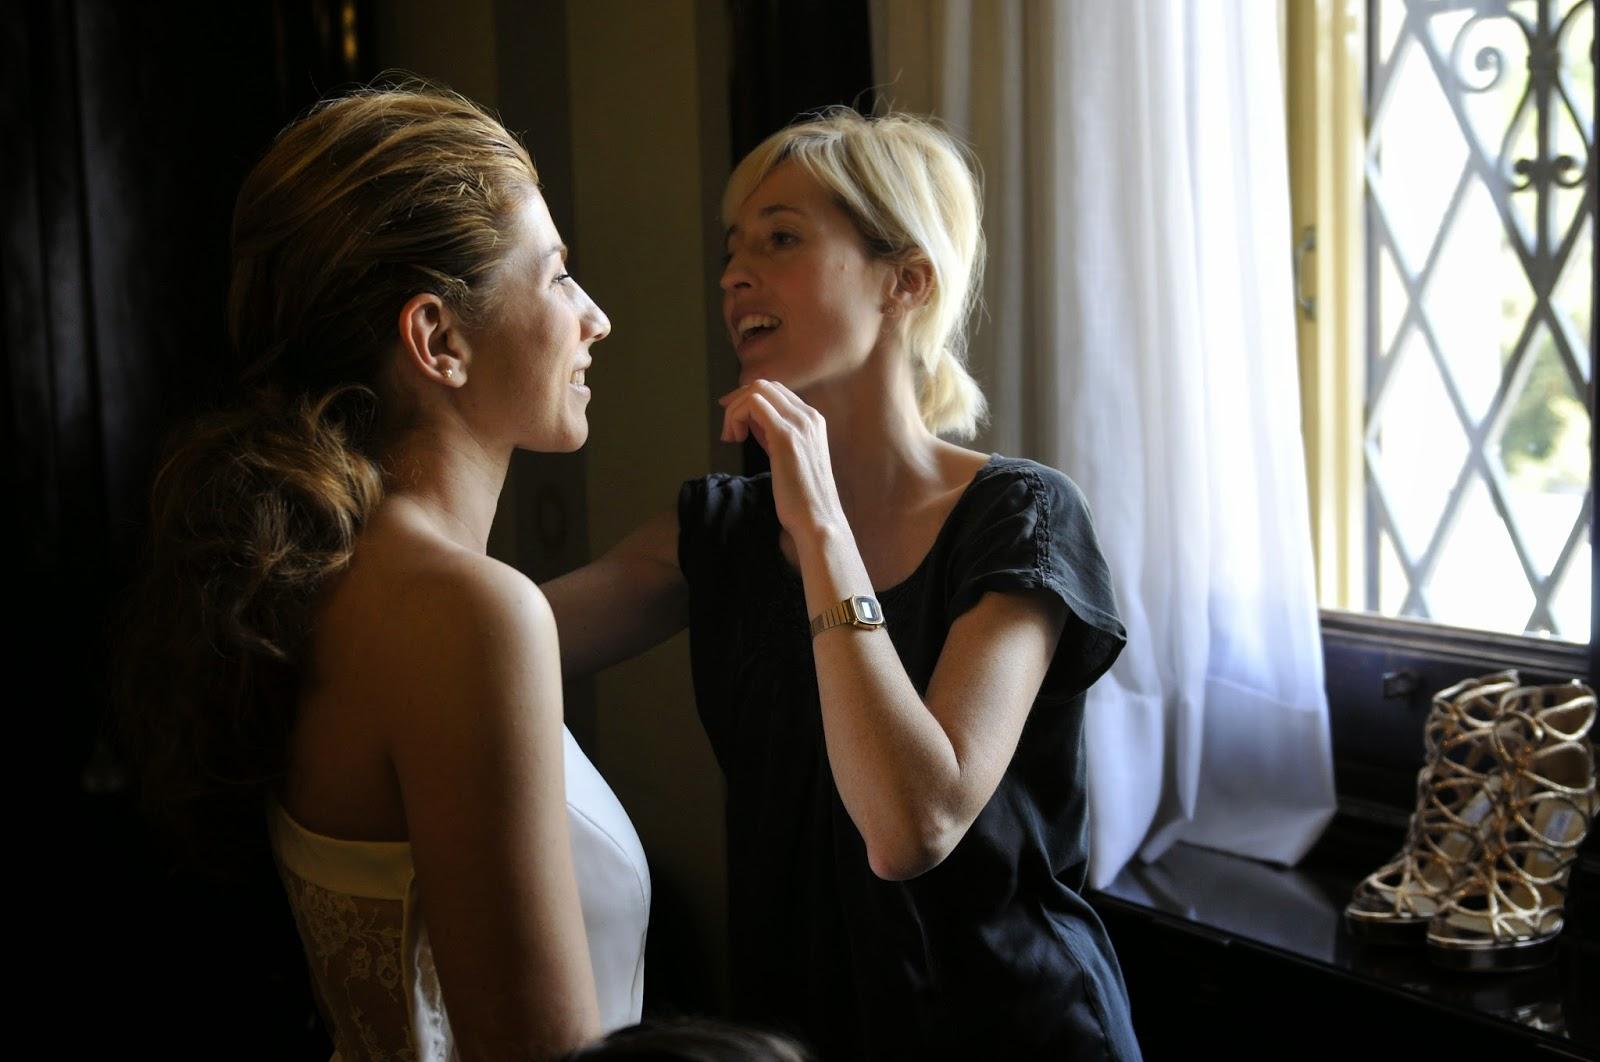 Agnés Sunyer ultimando los detalles del maquillaje de una novia el día del enlace